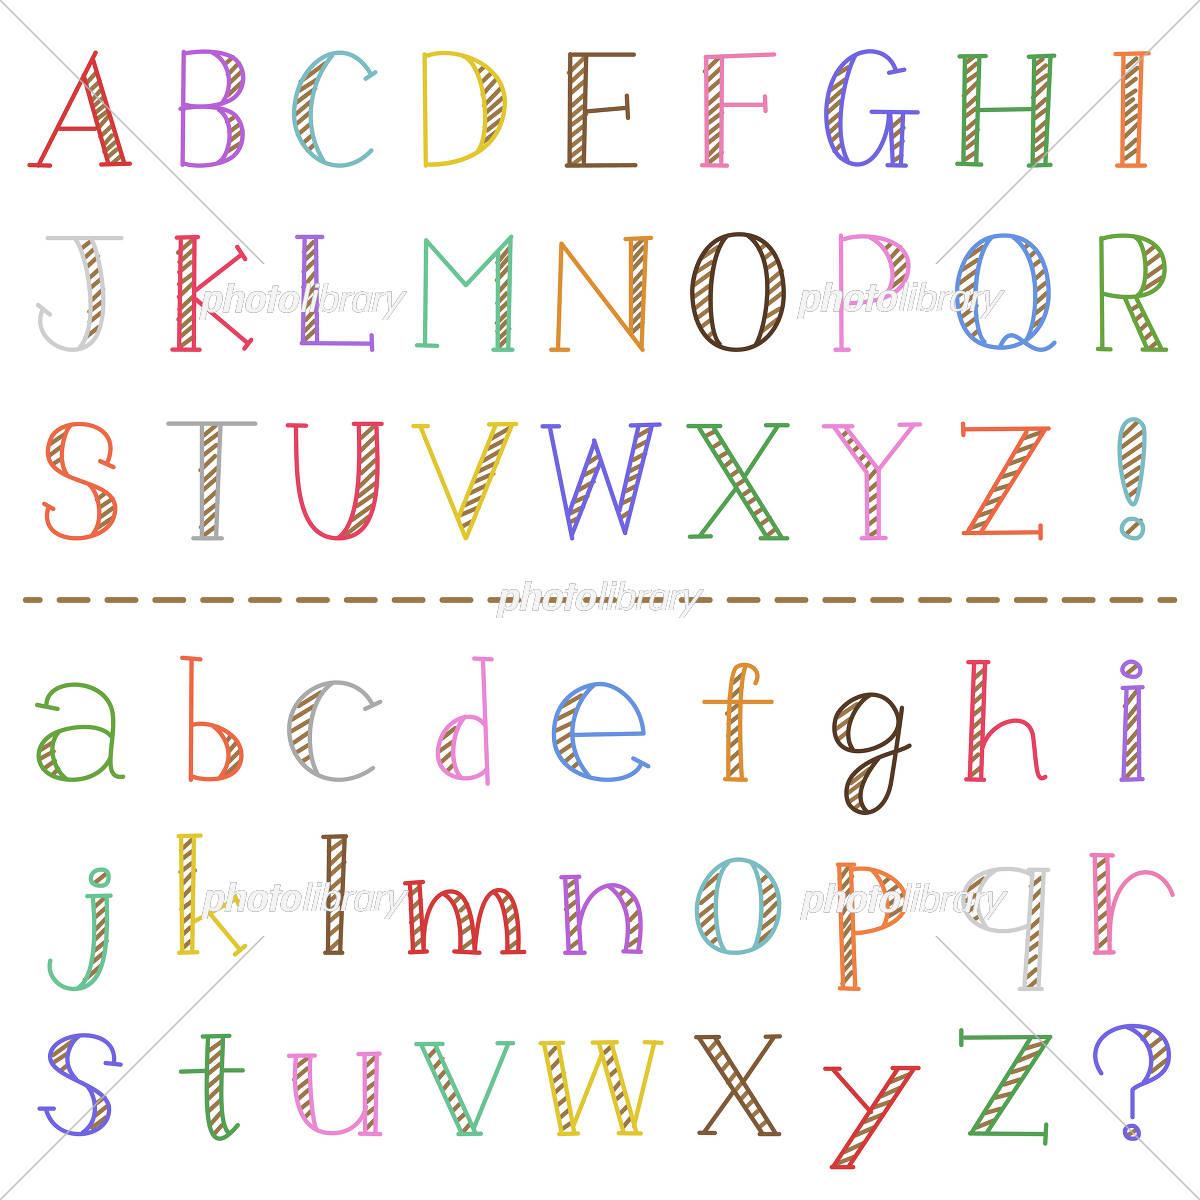 手書き風 アルファベット イラスト素材 5318593 フォトライブ